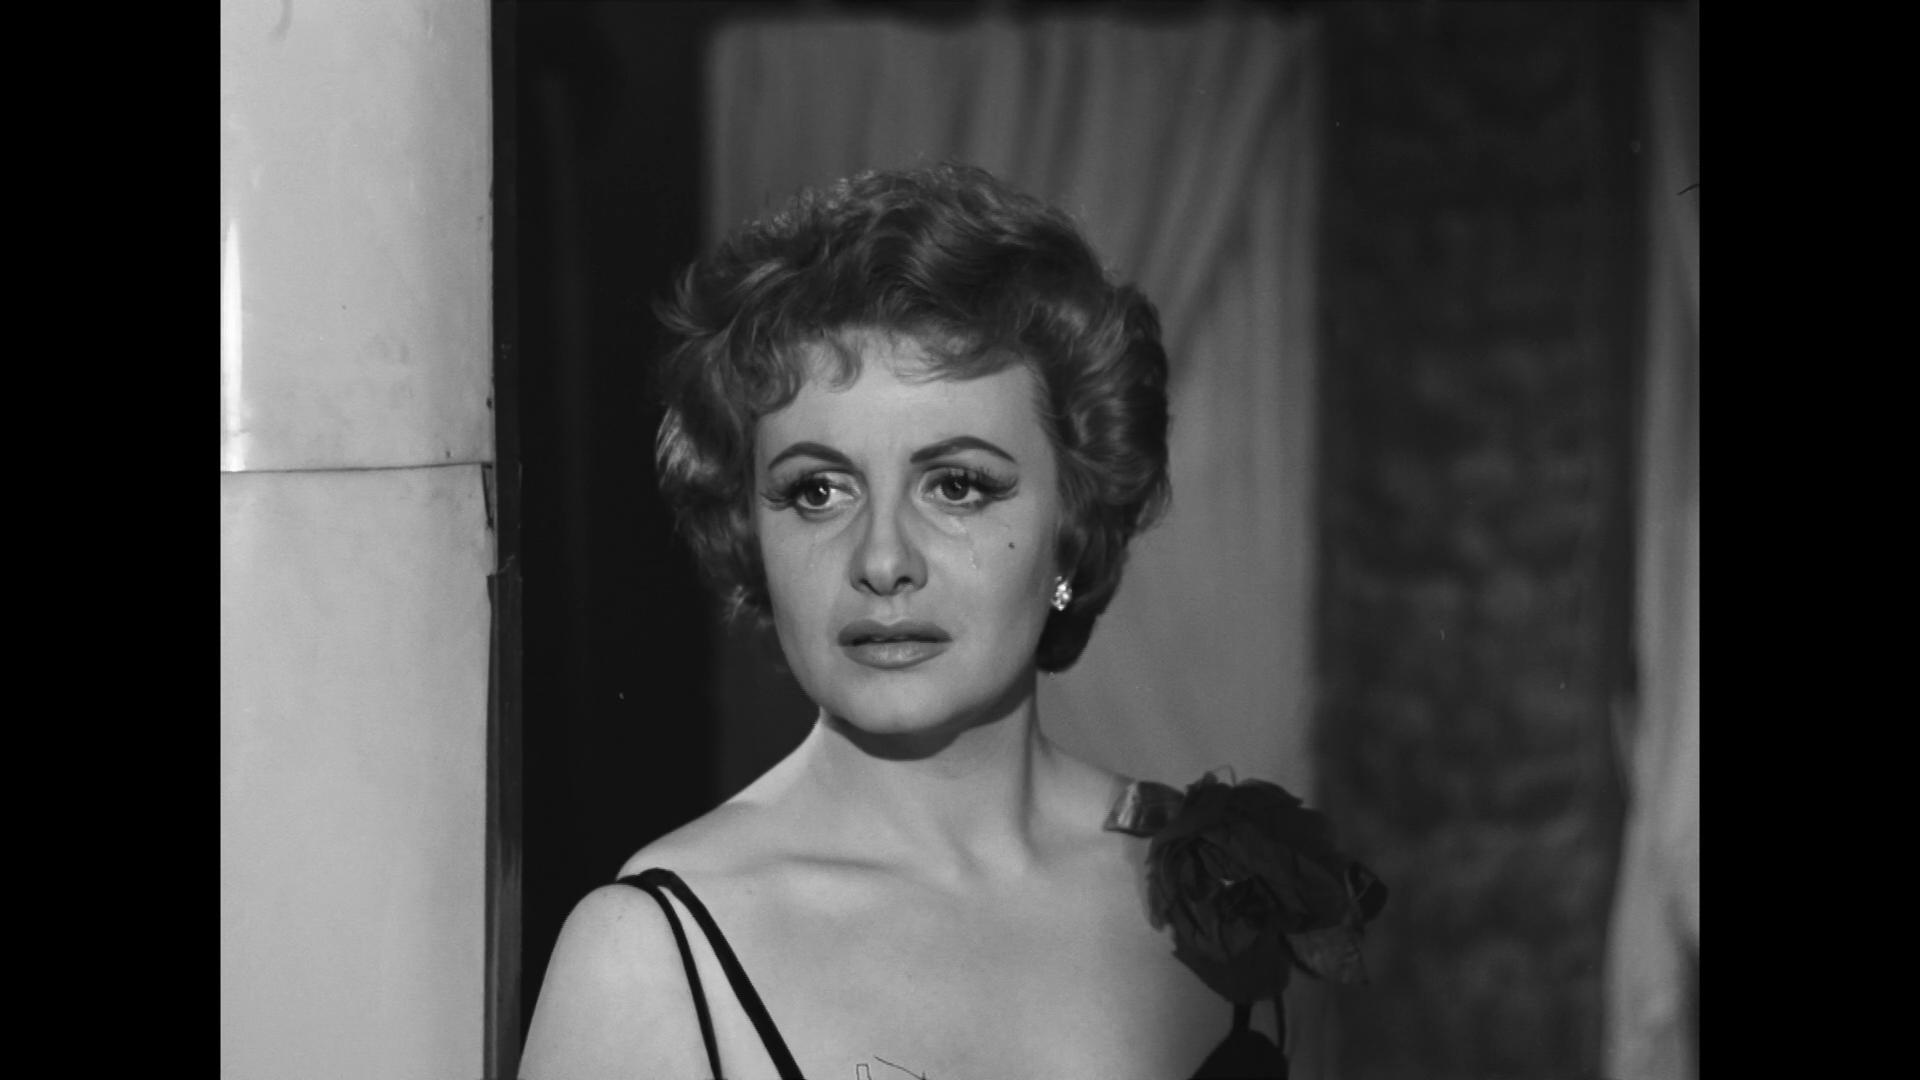 Mercedes Monterrey dans Malinconico autunno (1958) de Raffaello Matarazzo